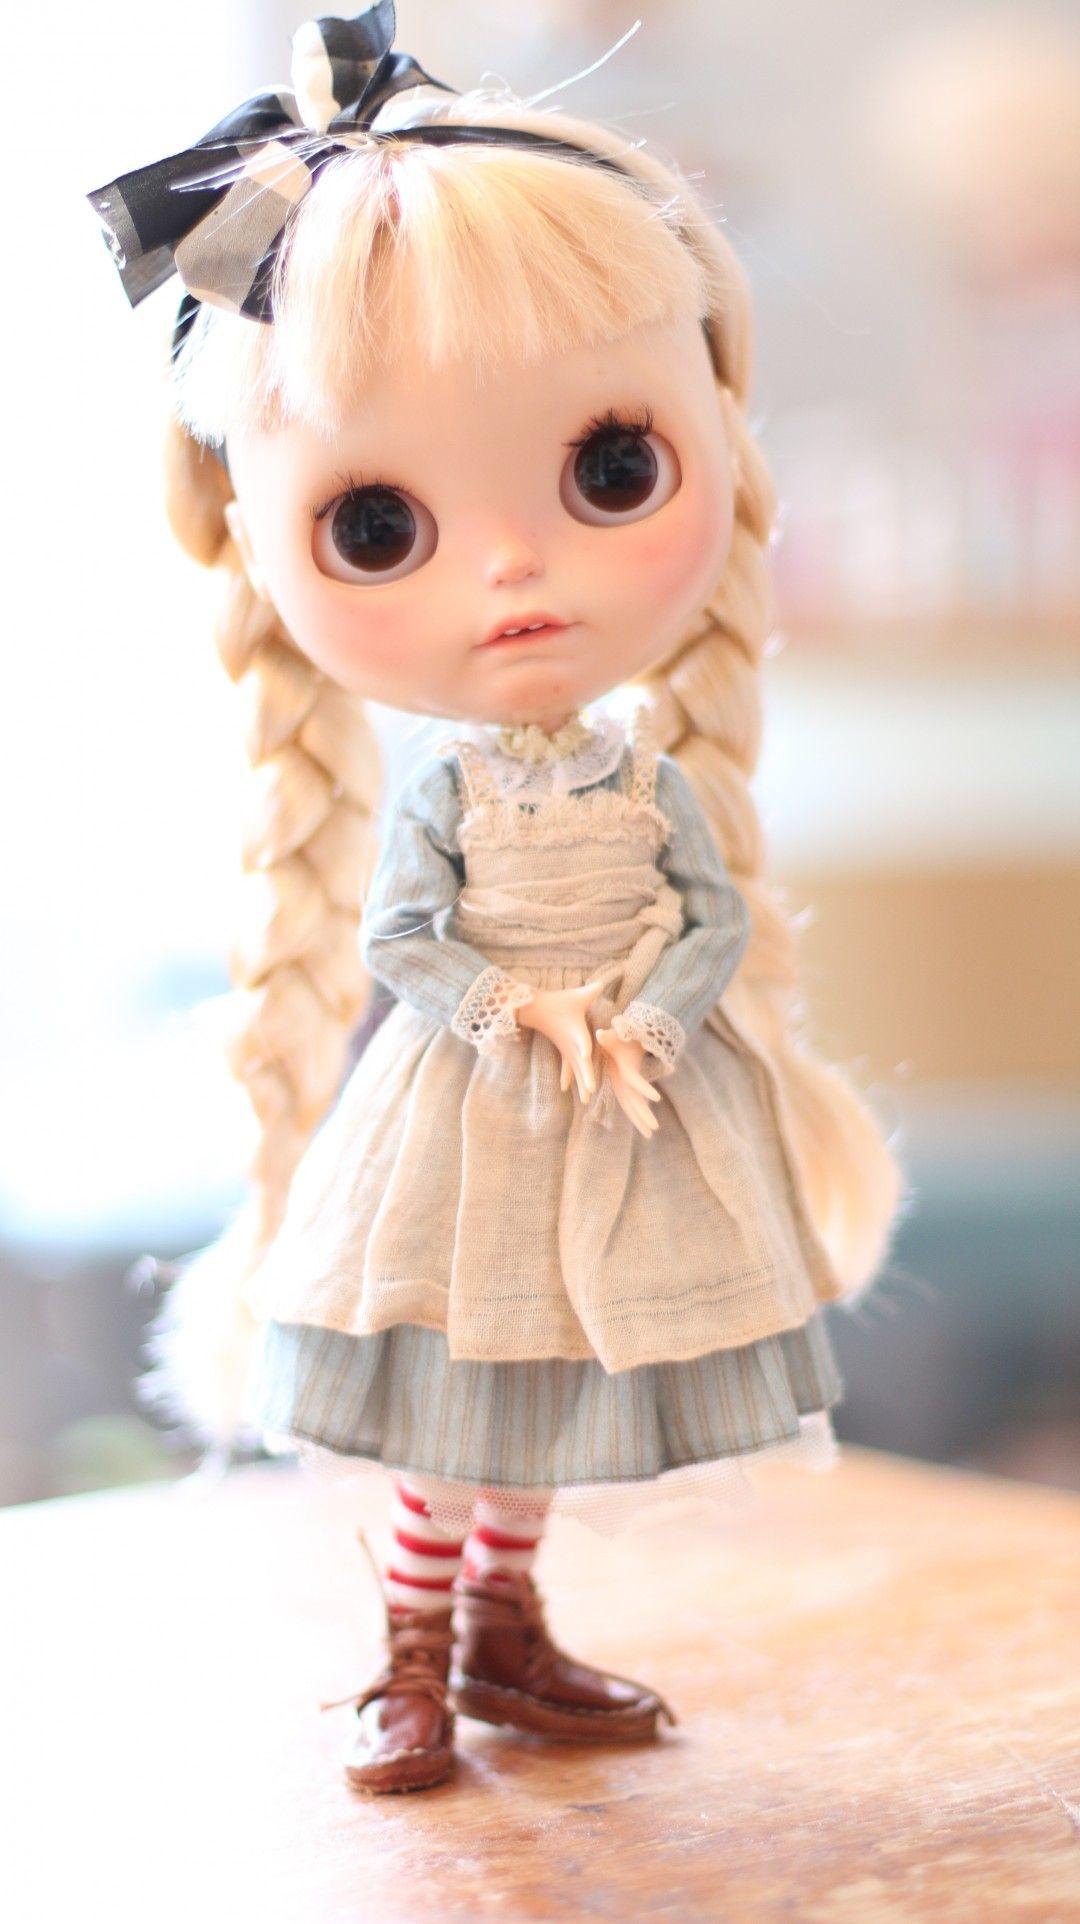 Pin by lijunlu on 复古 in 2020 Blythe doll dress, Blythe